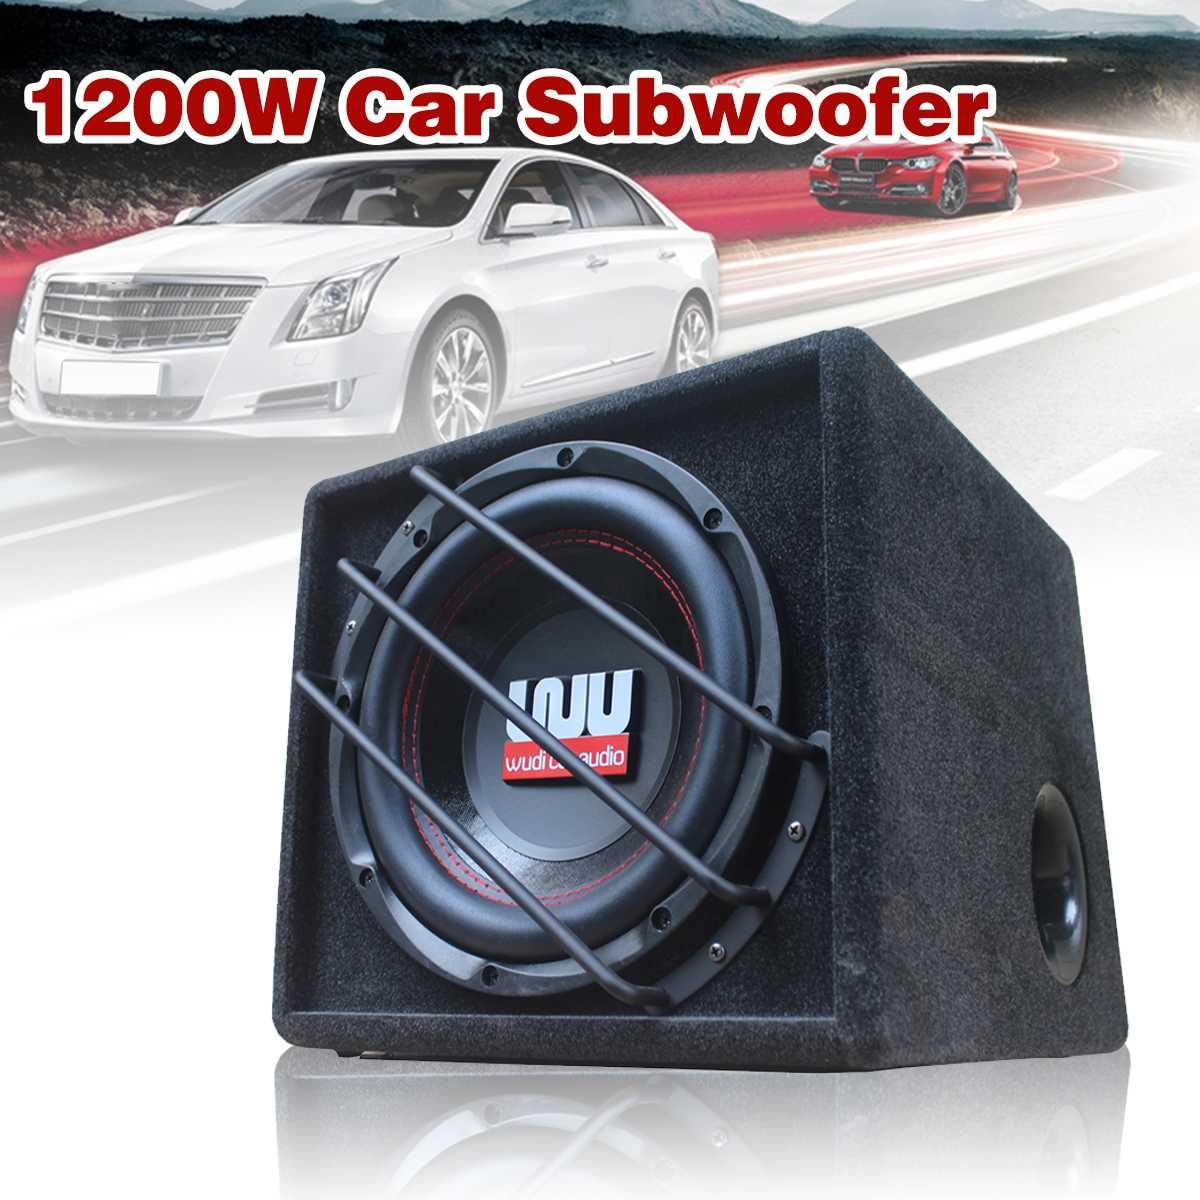 10-inch-1200w-car-subwoofer-strong-subwoofer-car-speaker-auto-super-bass-car-audio-speaker-active-woofer-built-in-amplifer